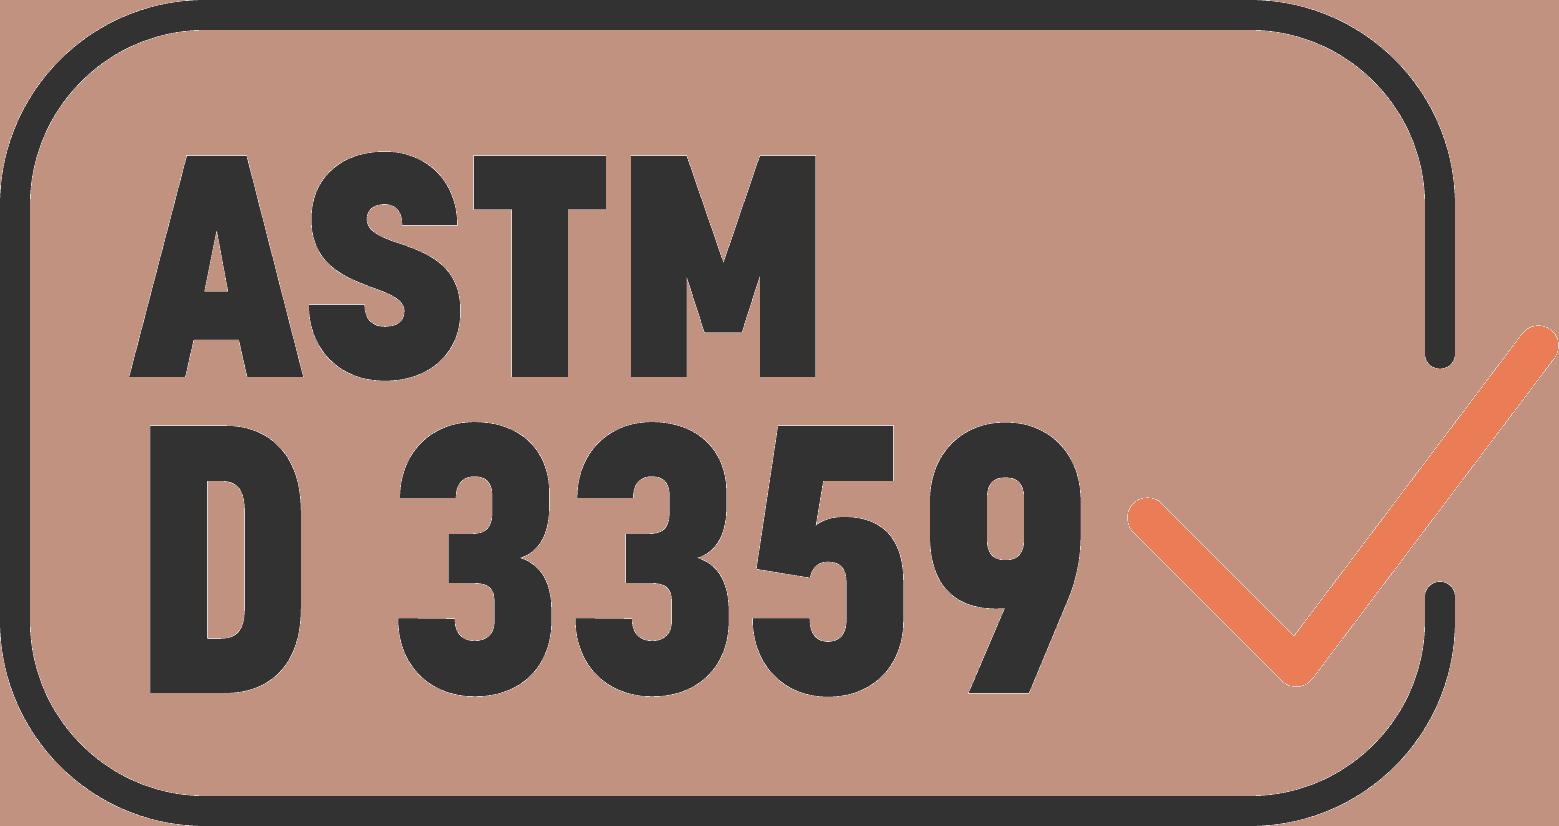 ASTM D 3359